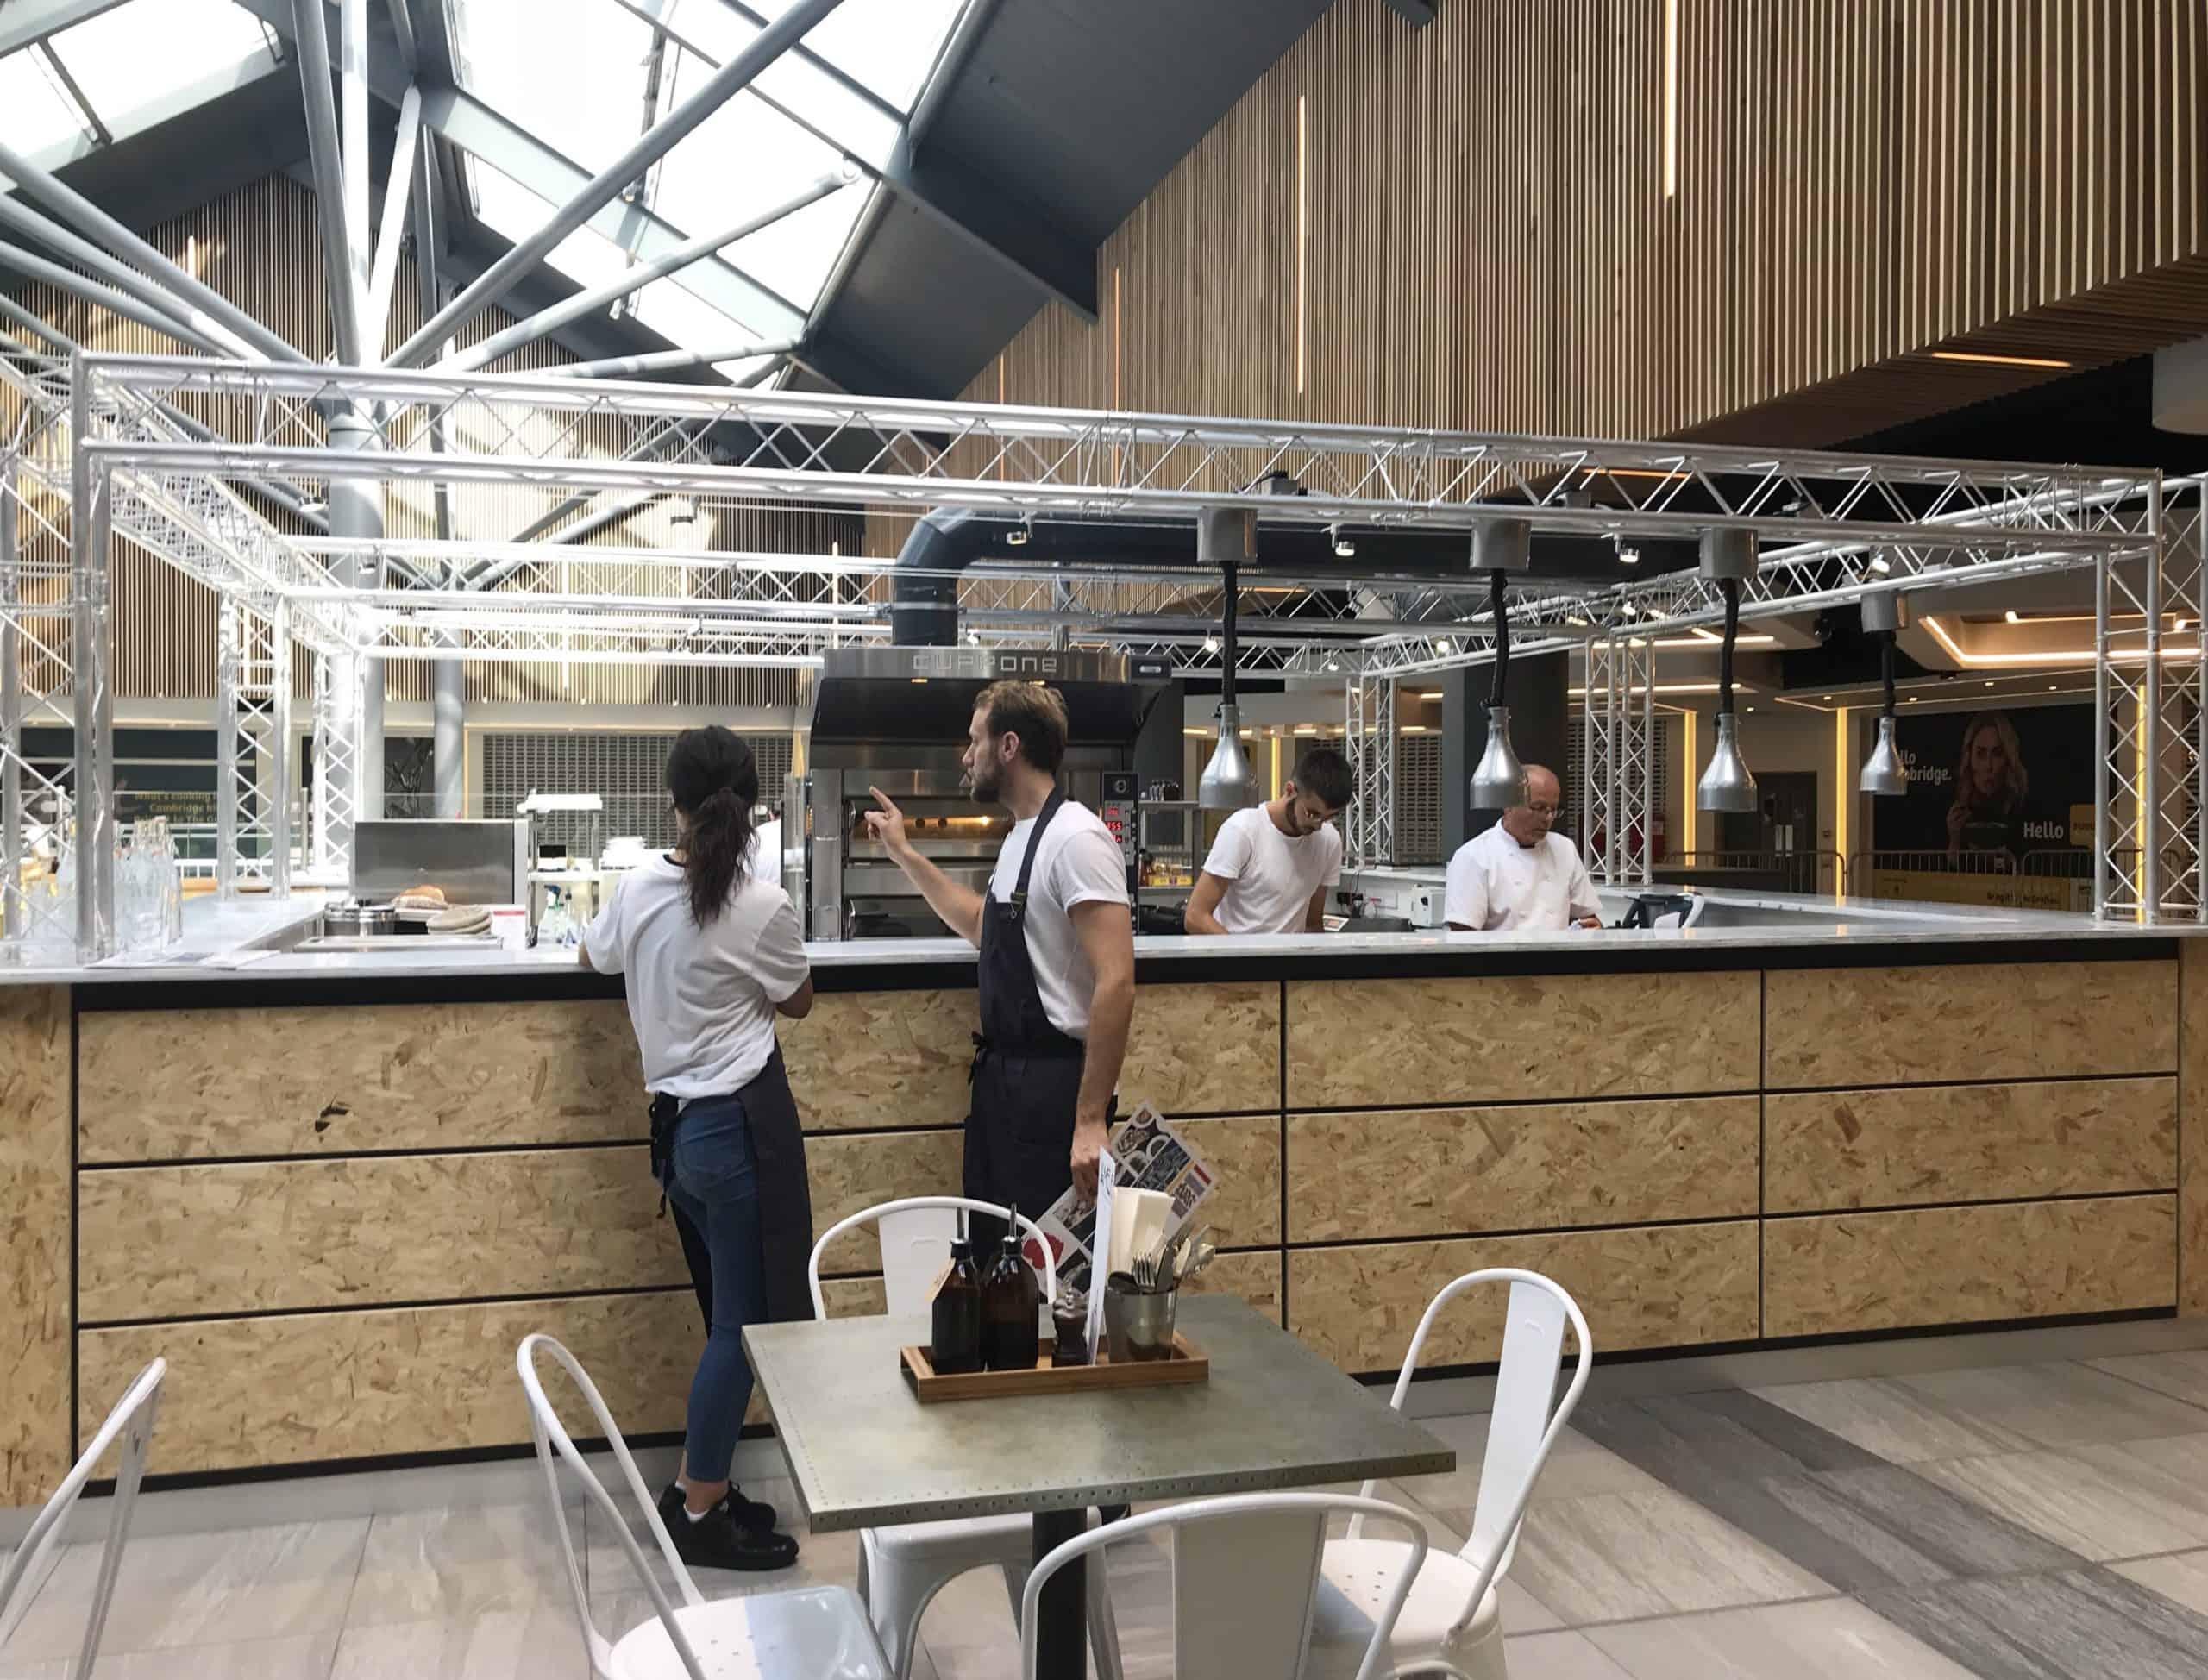 Améilie Flammekueche Café Servery Cambridge